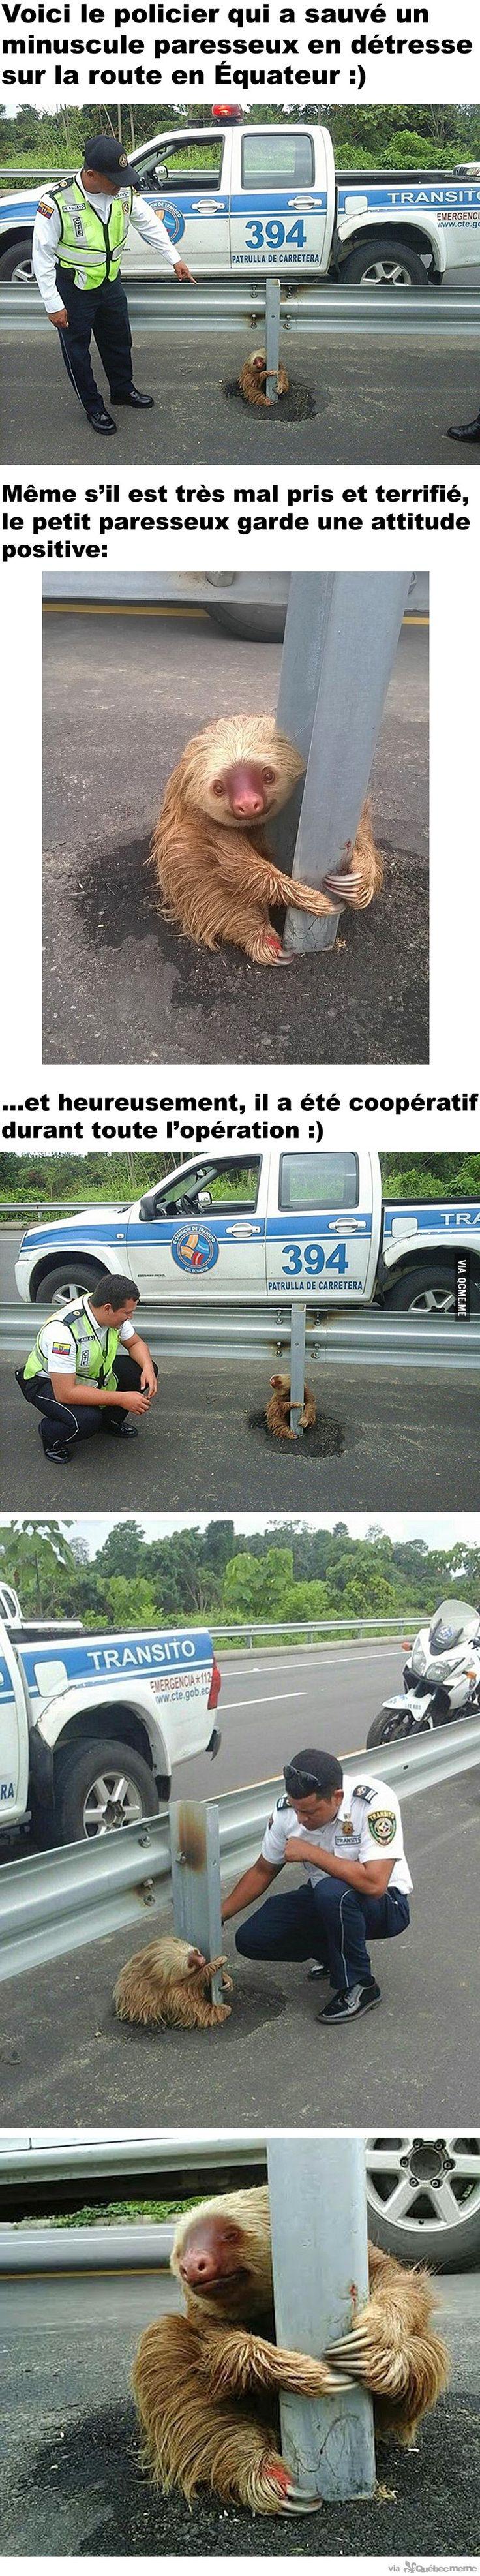 Un policier sauve un minuscule paresseux terrifié